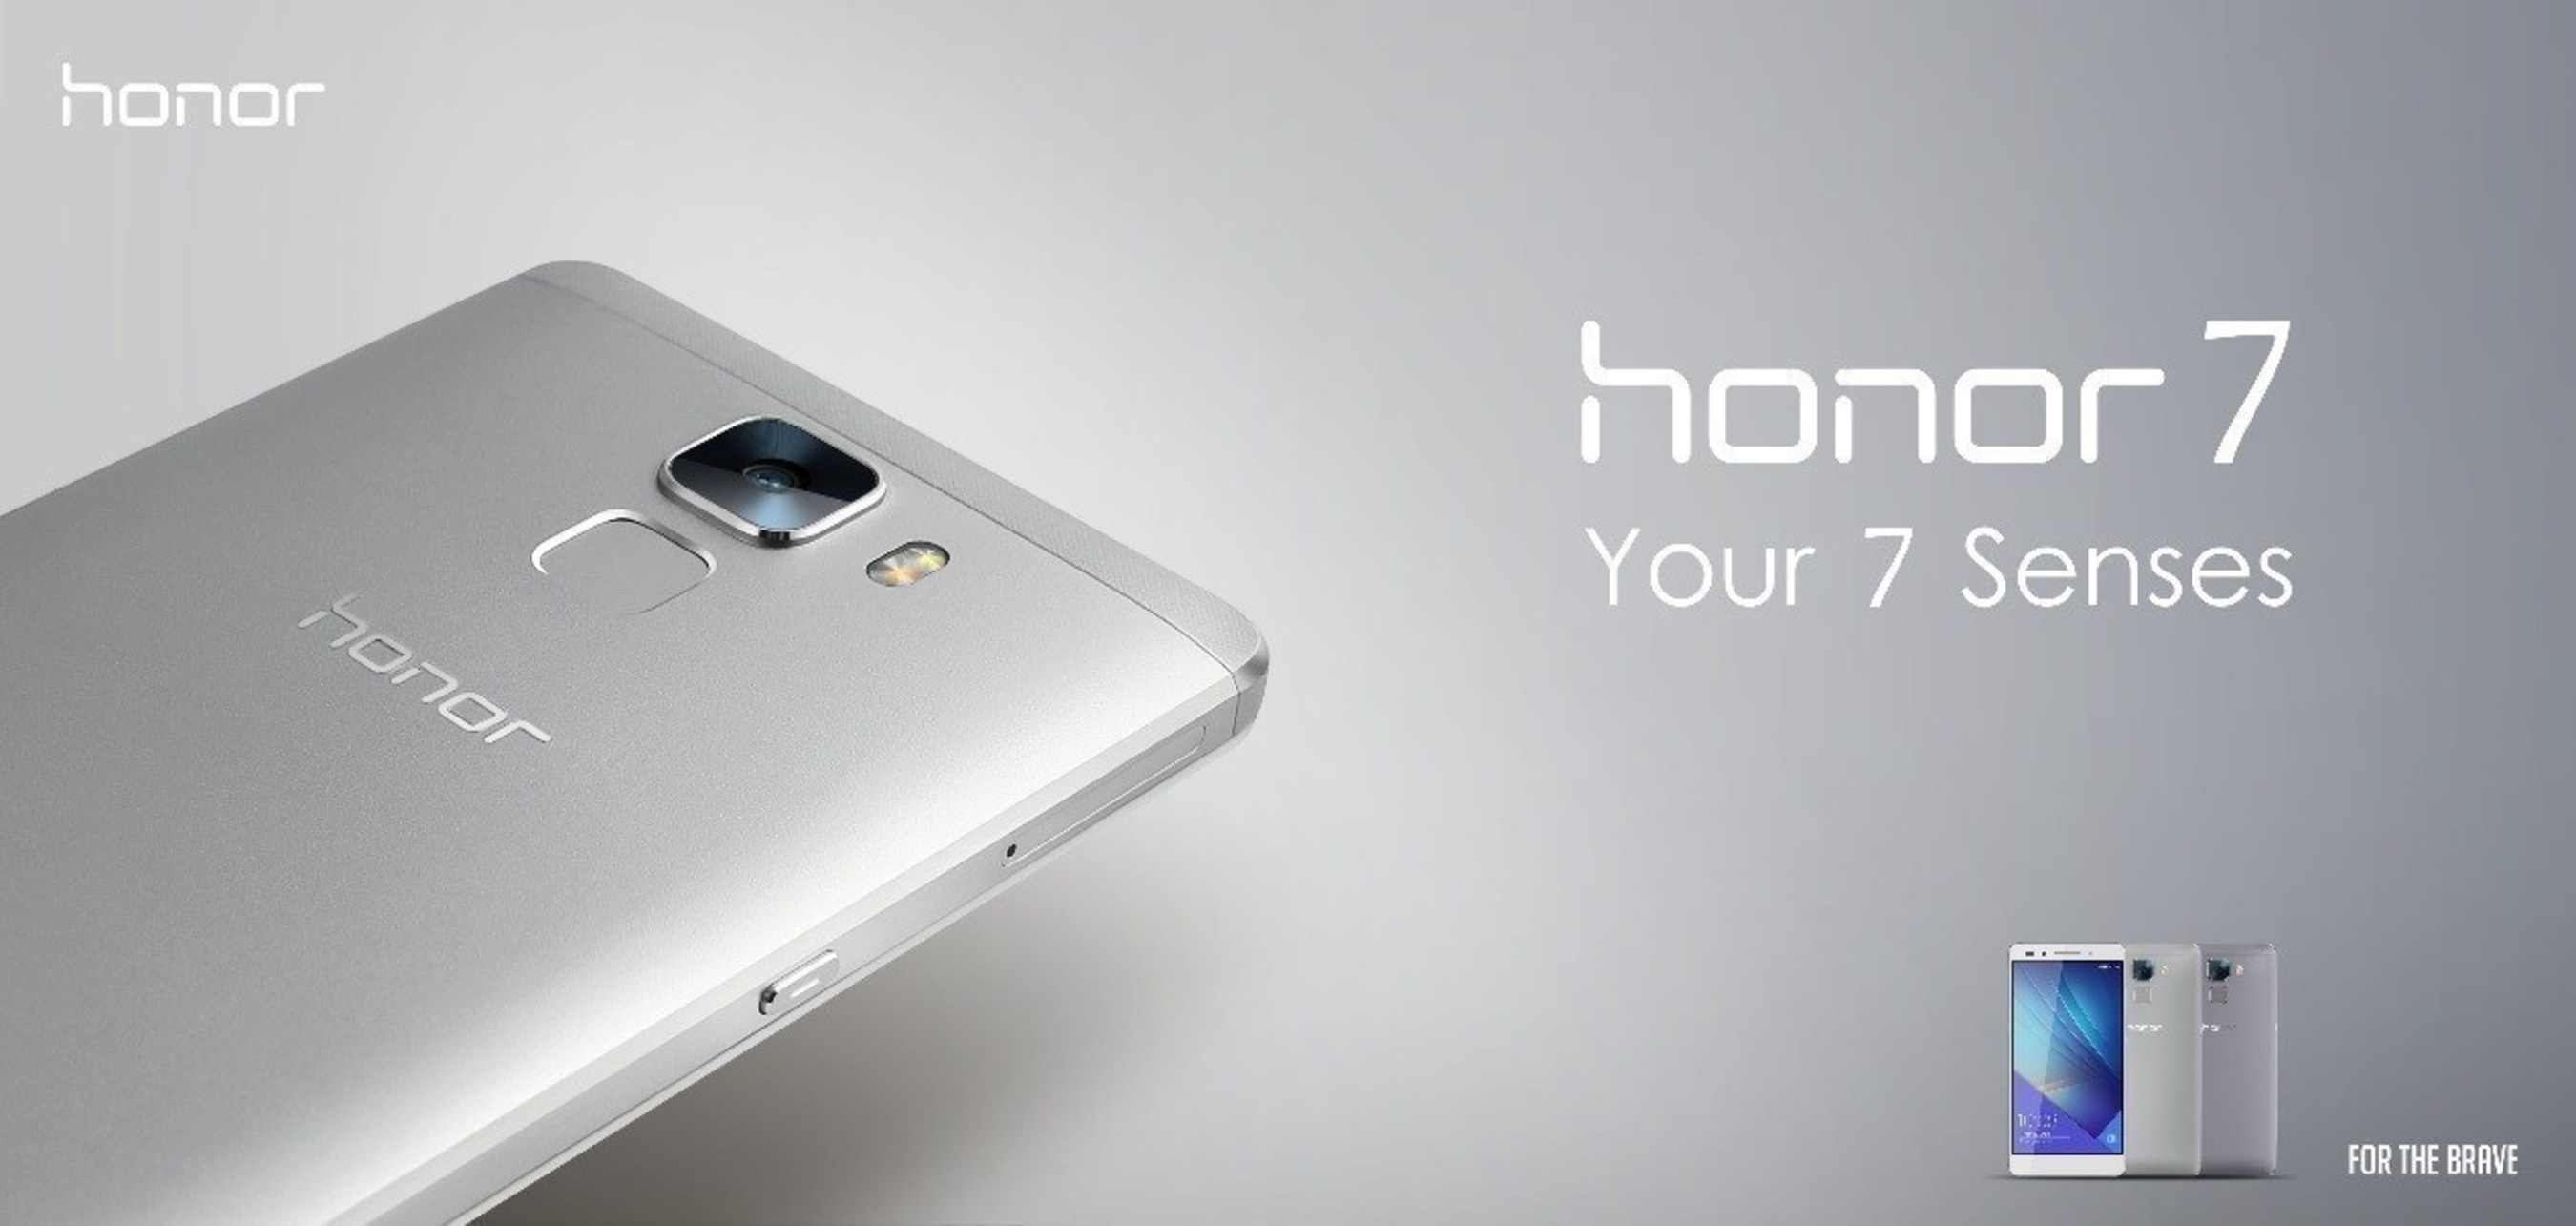 honor 7 ofrece funciones inteligentes y estilo a nativos digitales en Europa